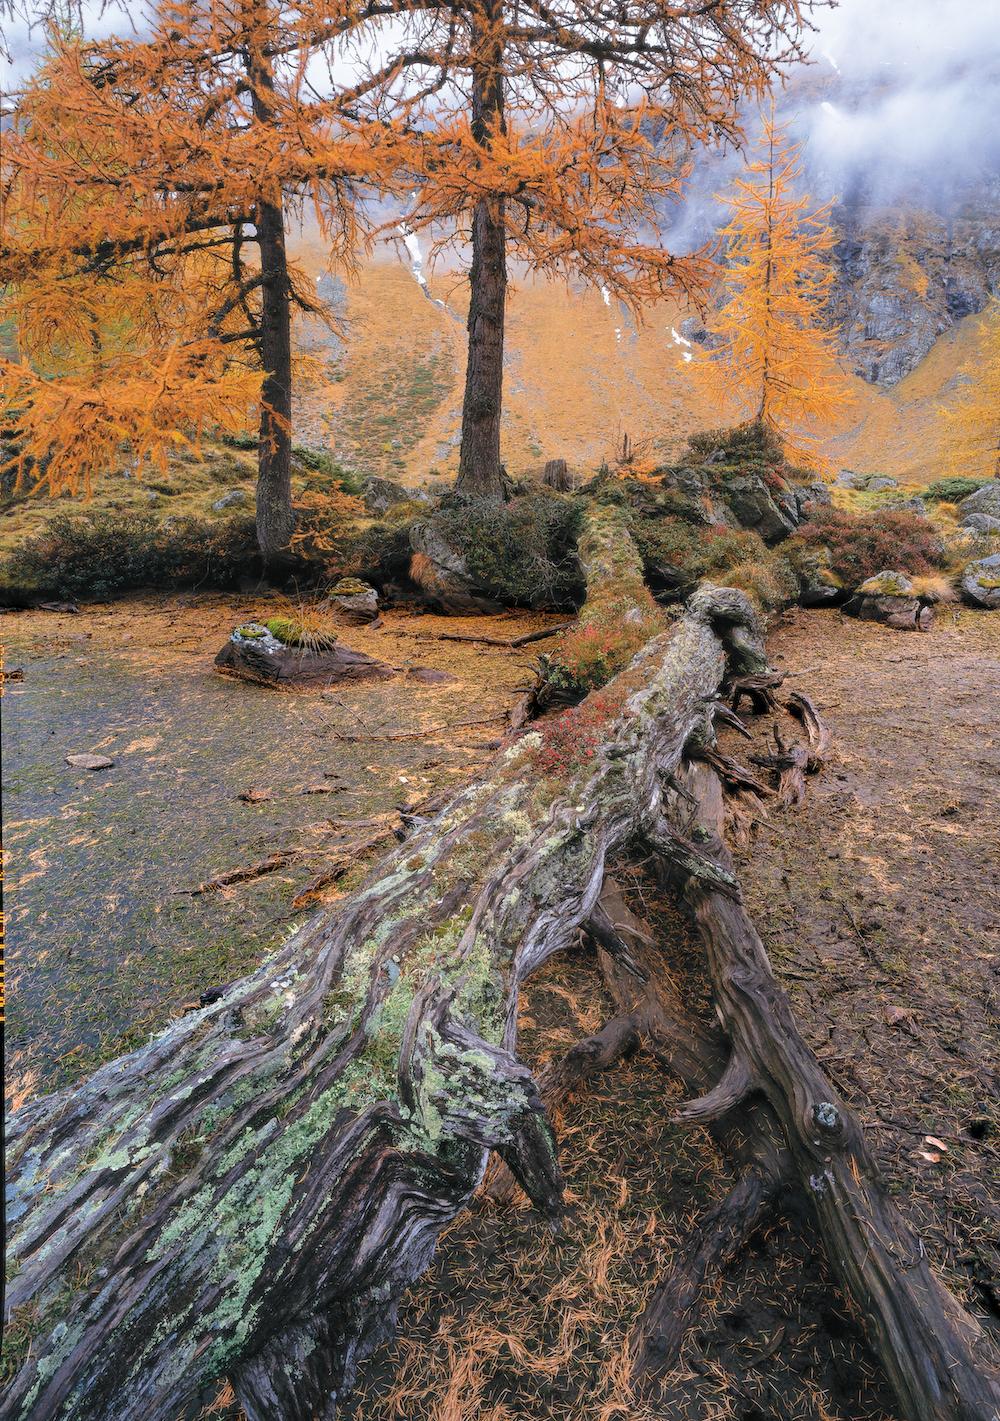 Totholz im herbstlichen Lärchenwald © Franz Kovac/Bundesforste